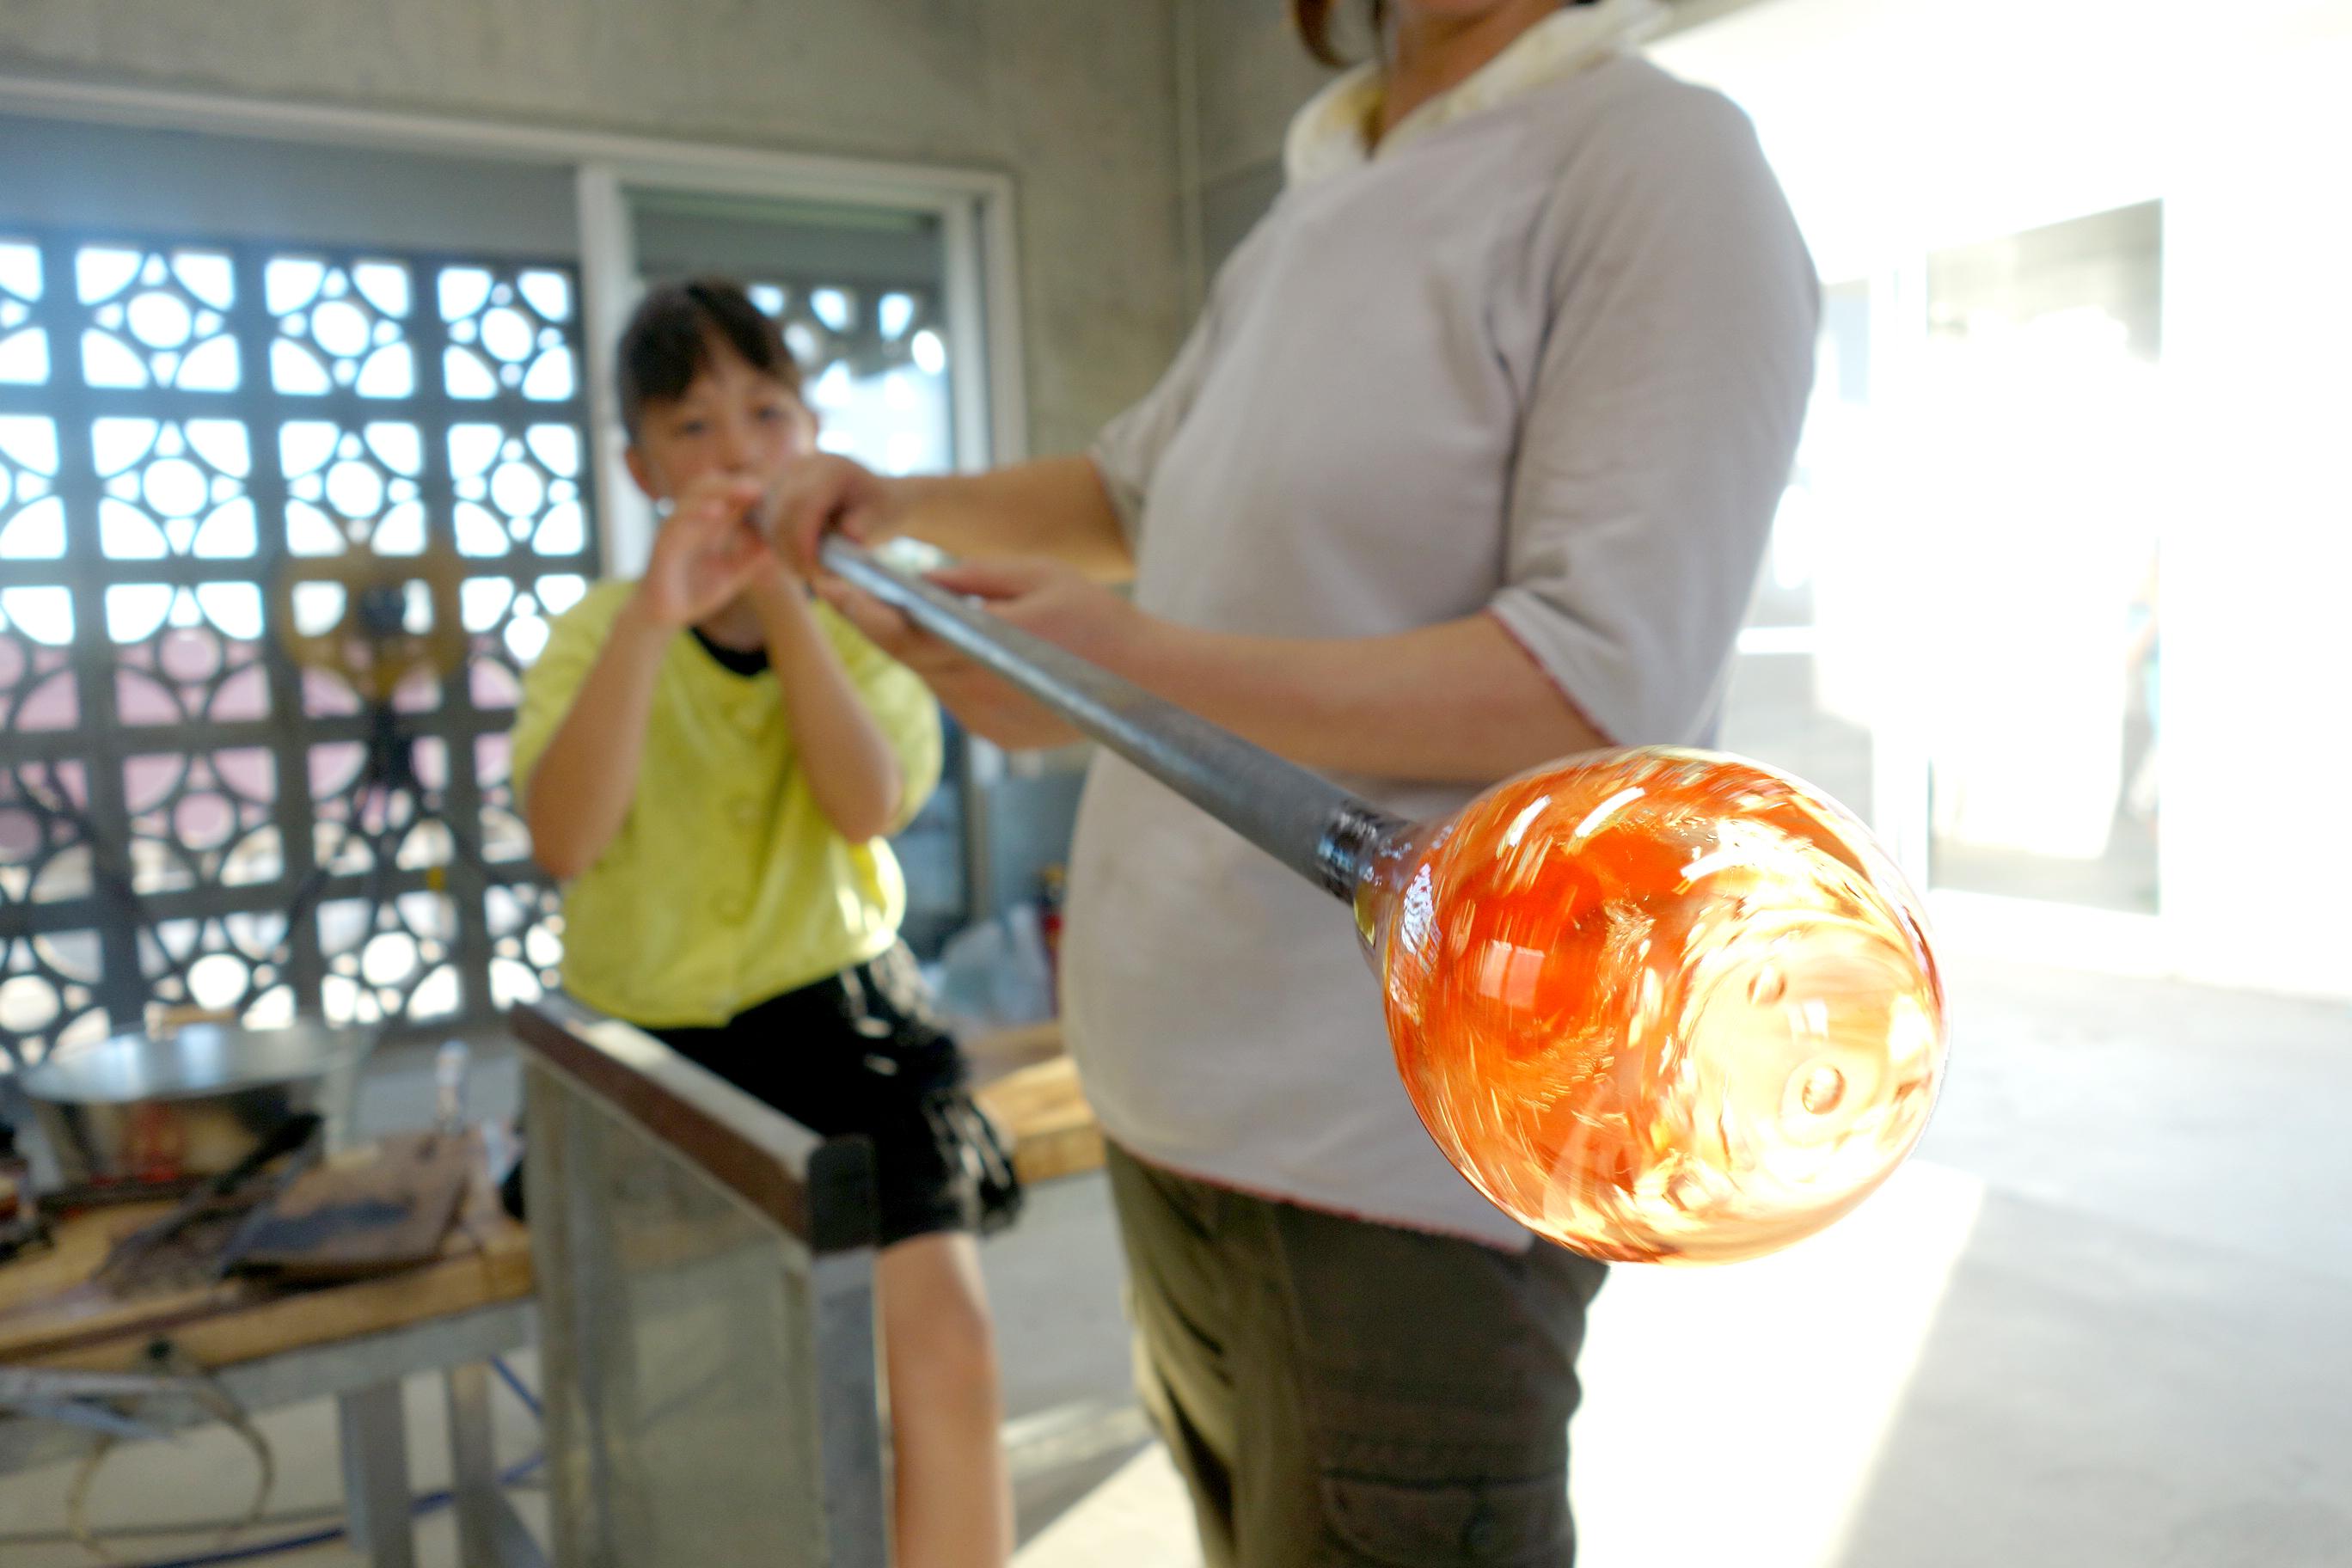 溶かしたガラスはあっという間に固まってしまうので素早い作業が肝心